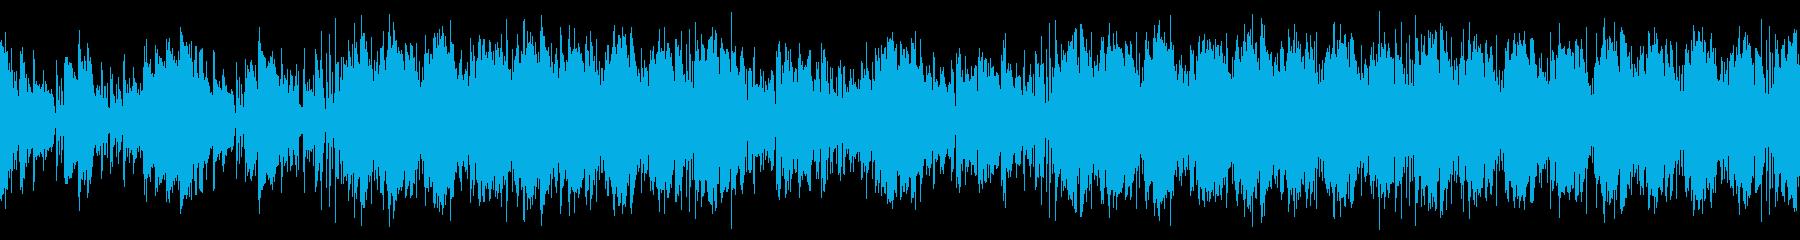 映像・大人な夏・ジャズ・ループの再生済みの波形